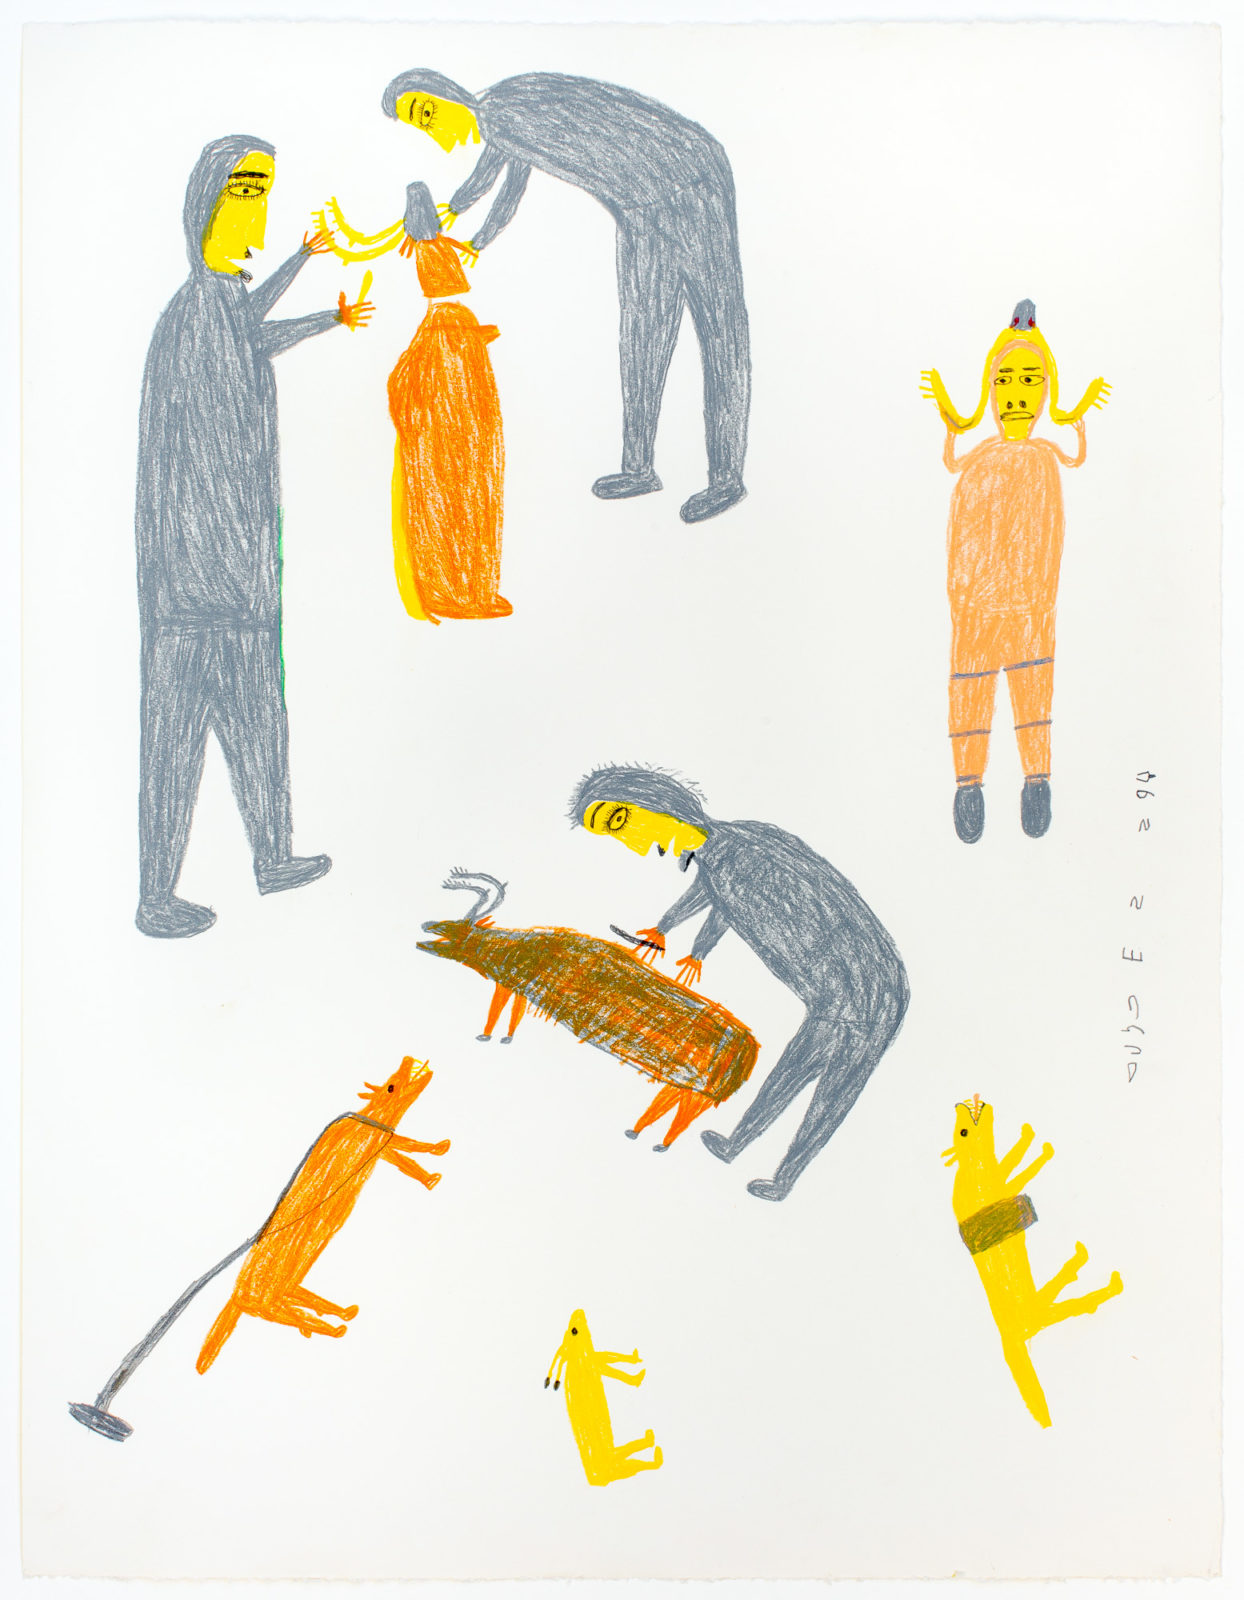 Luke Anguhadluq - untitled (butchering animals)